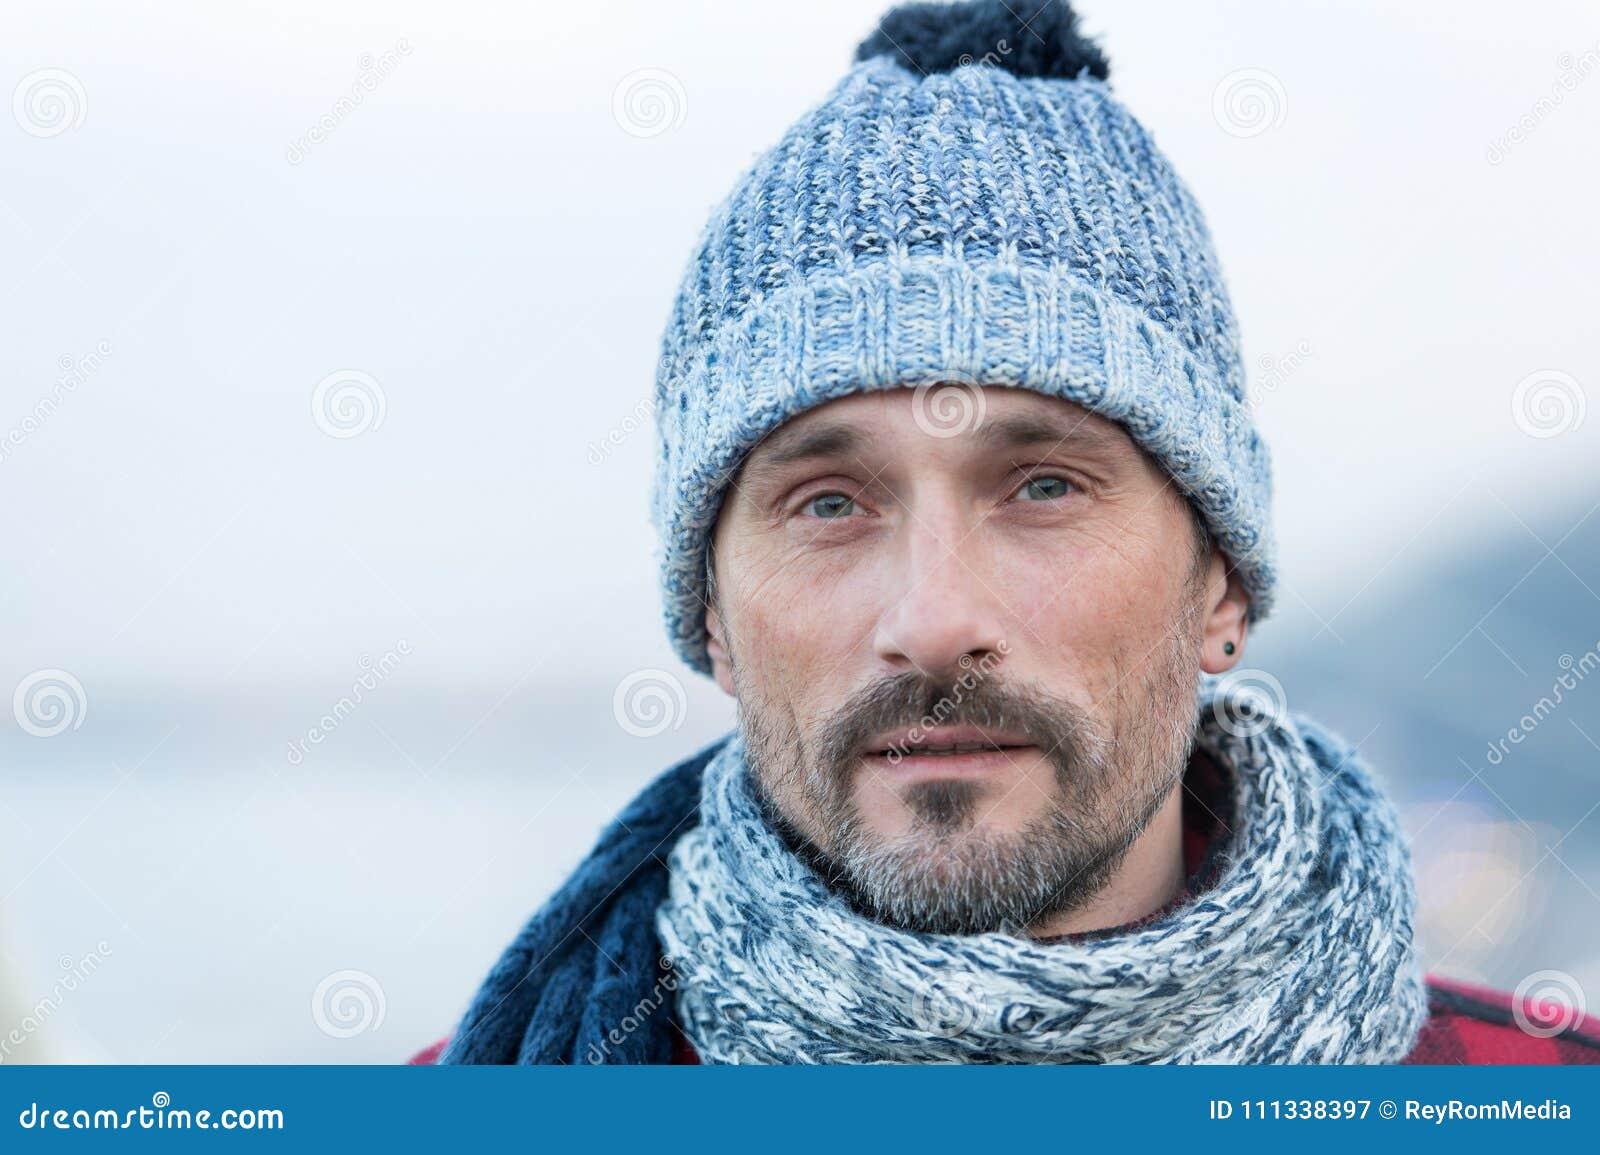 Portret van de witte mens in de winter gebreide hoed en sjaal Sluit omhoog van gebaarde kerel in blauw-witte hoed en sjaal